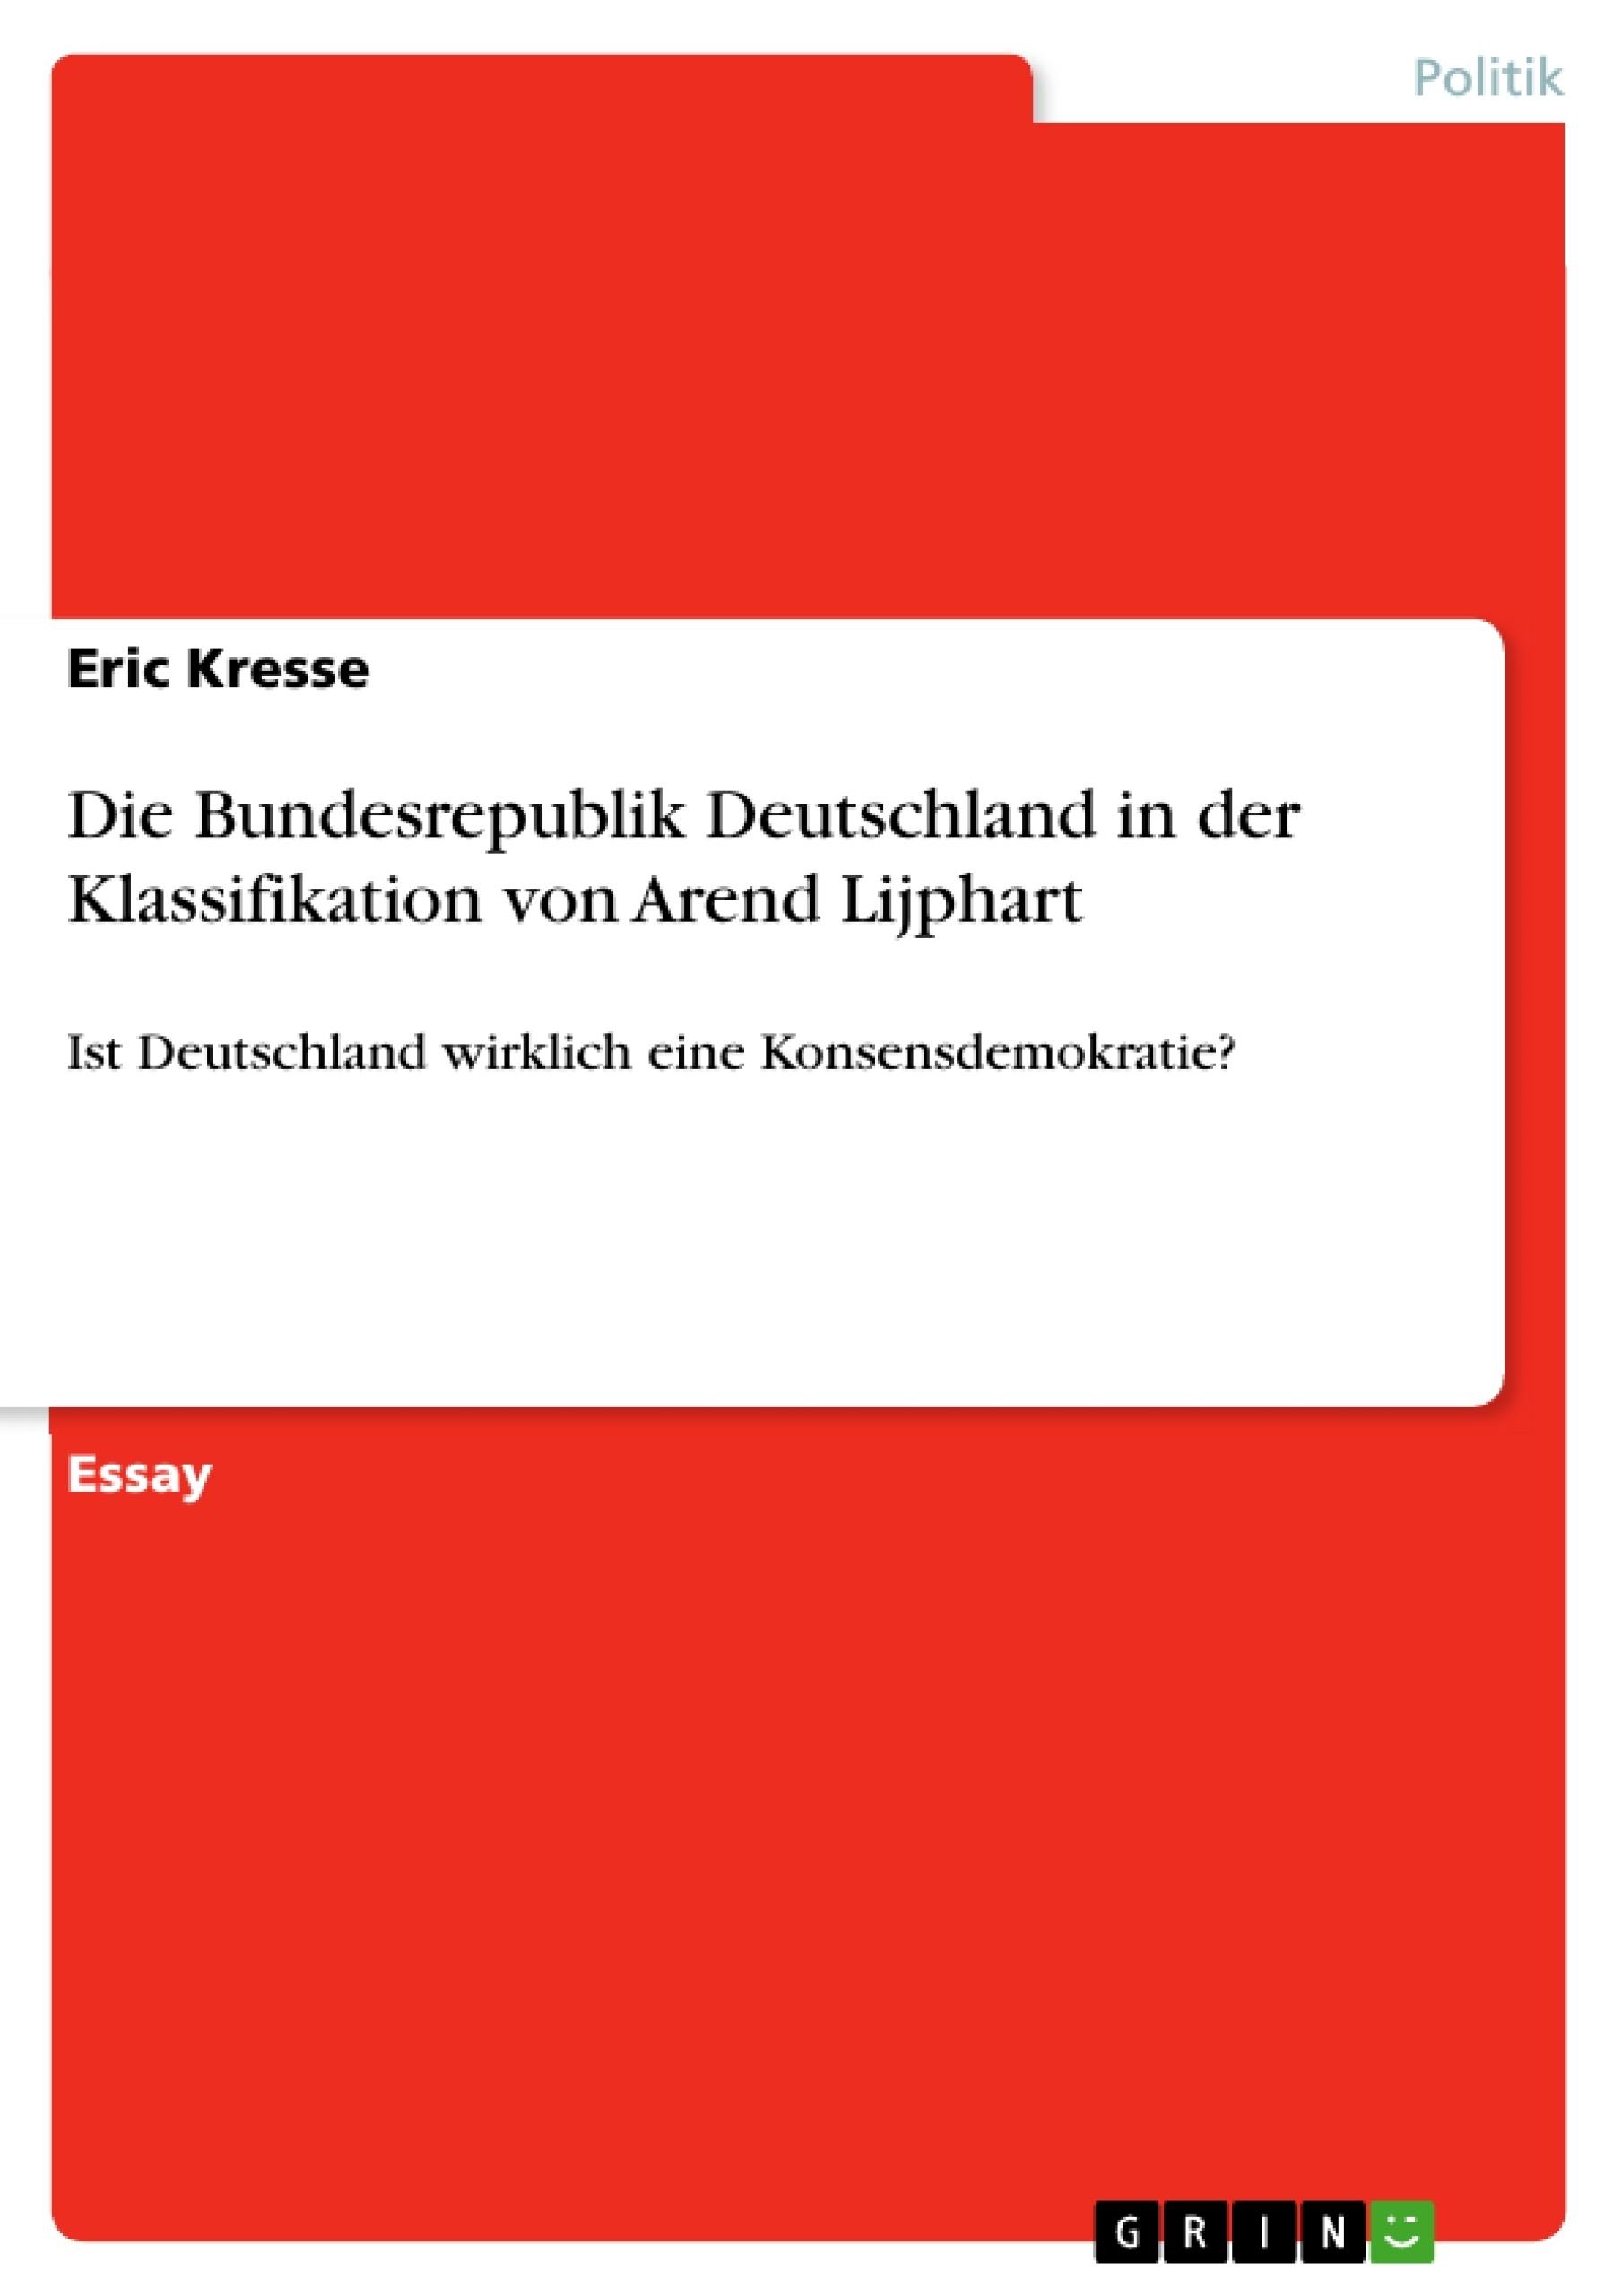 Titel: Die Bundesrepublik Deutschland in der Klassifikation von Arend Lijphart